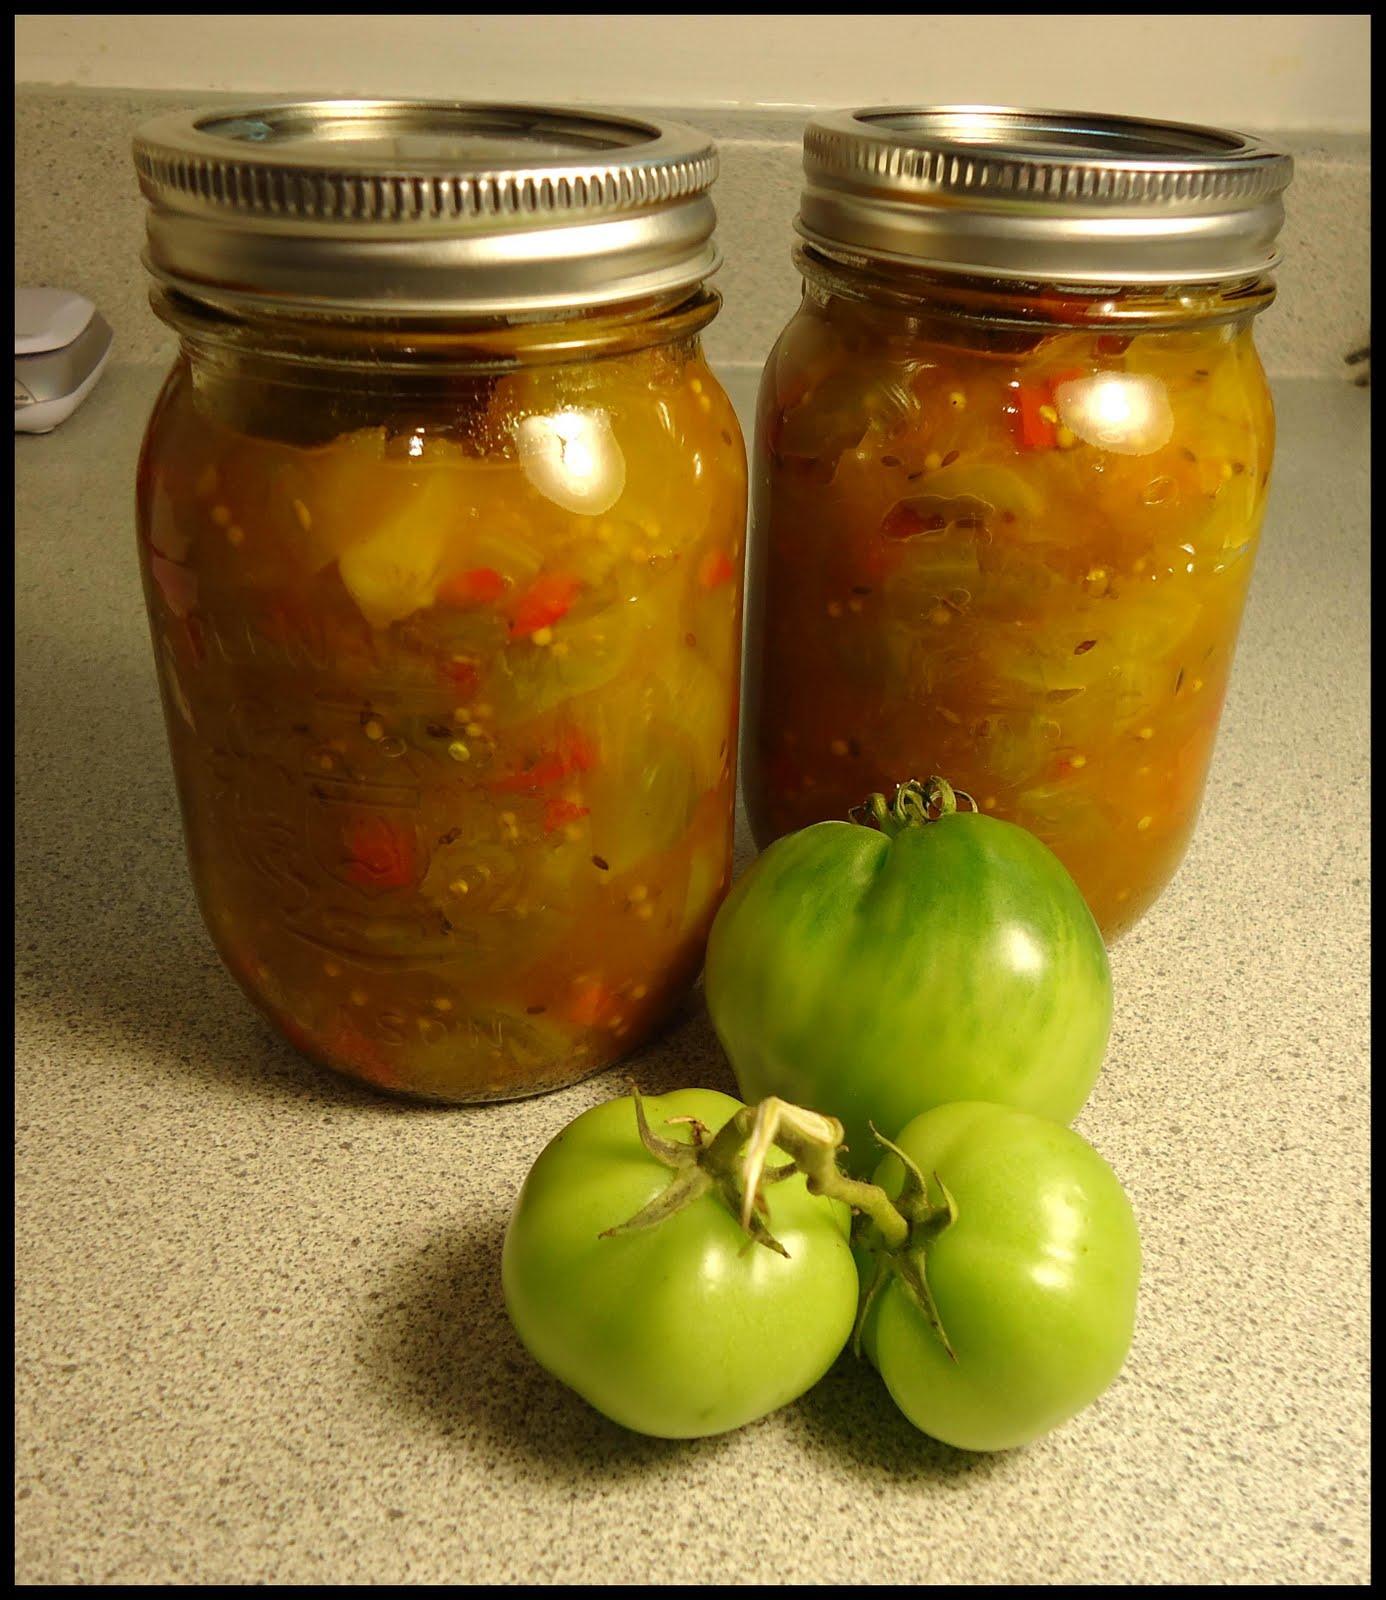 Ketchup aux tomates vertes blogs de cuisine - Cuisiner des tomates vertes ...